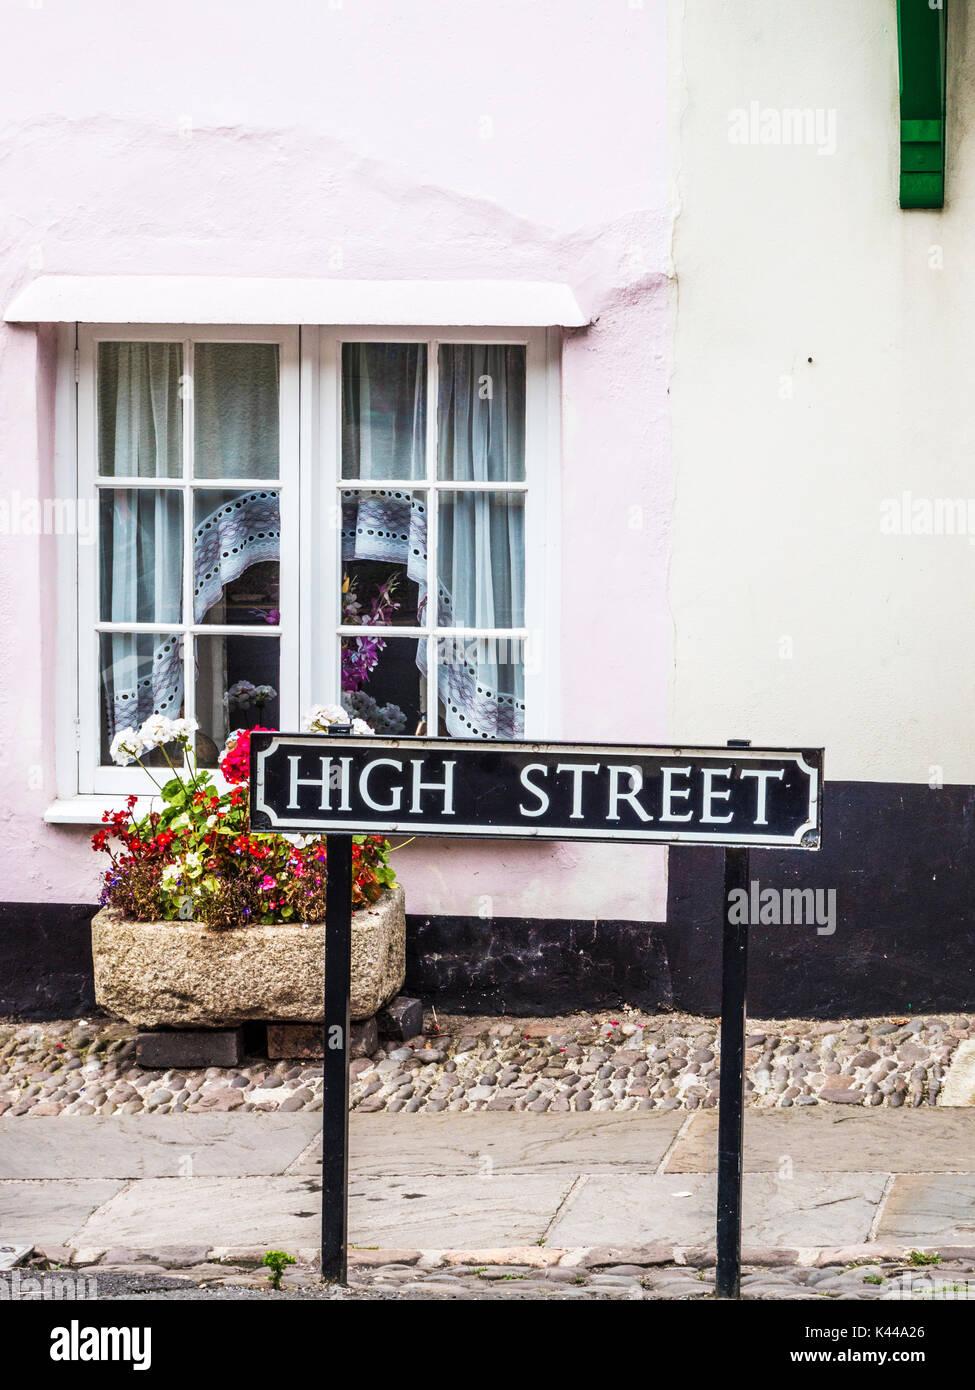 Generico tipico British High Street il nome della strada. Immagini Stock